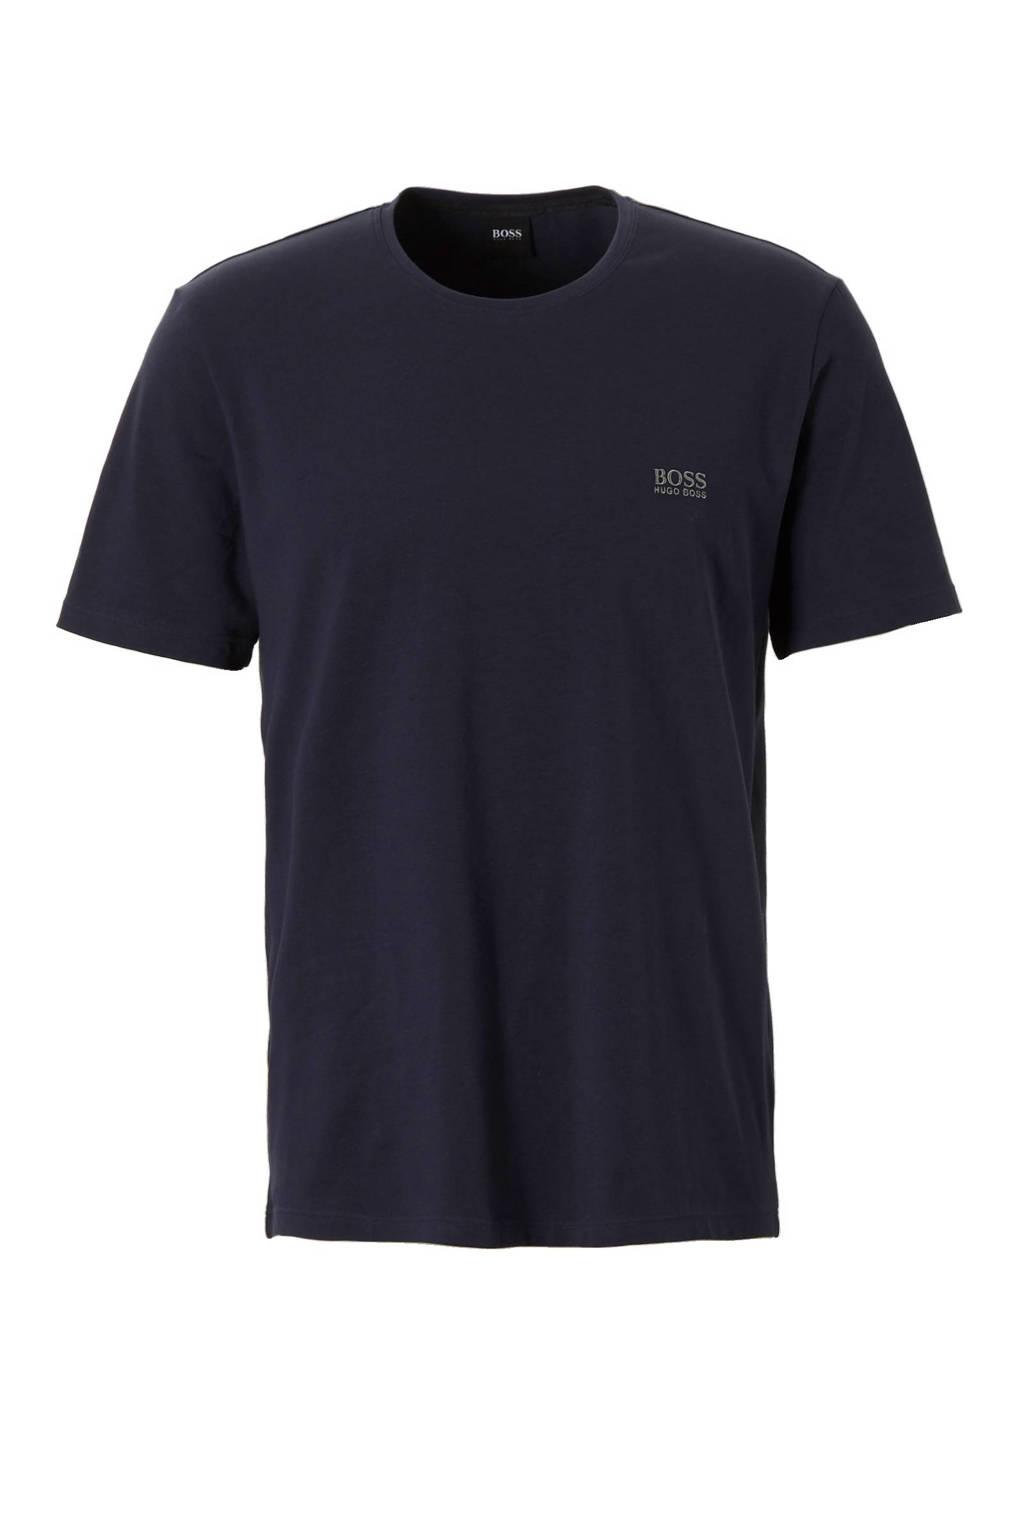 BOSS T-shirt, Marine